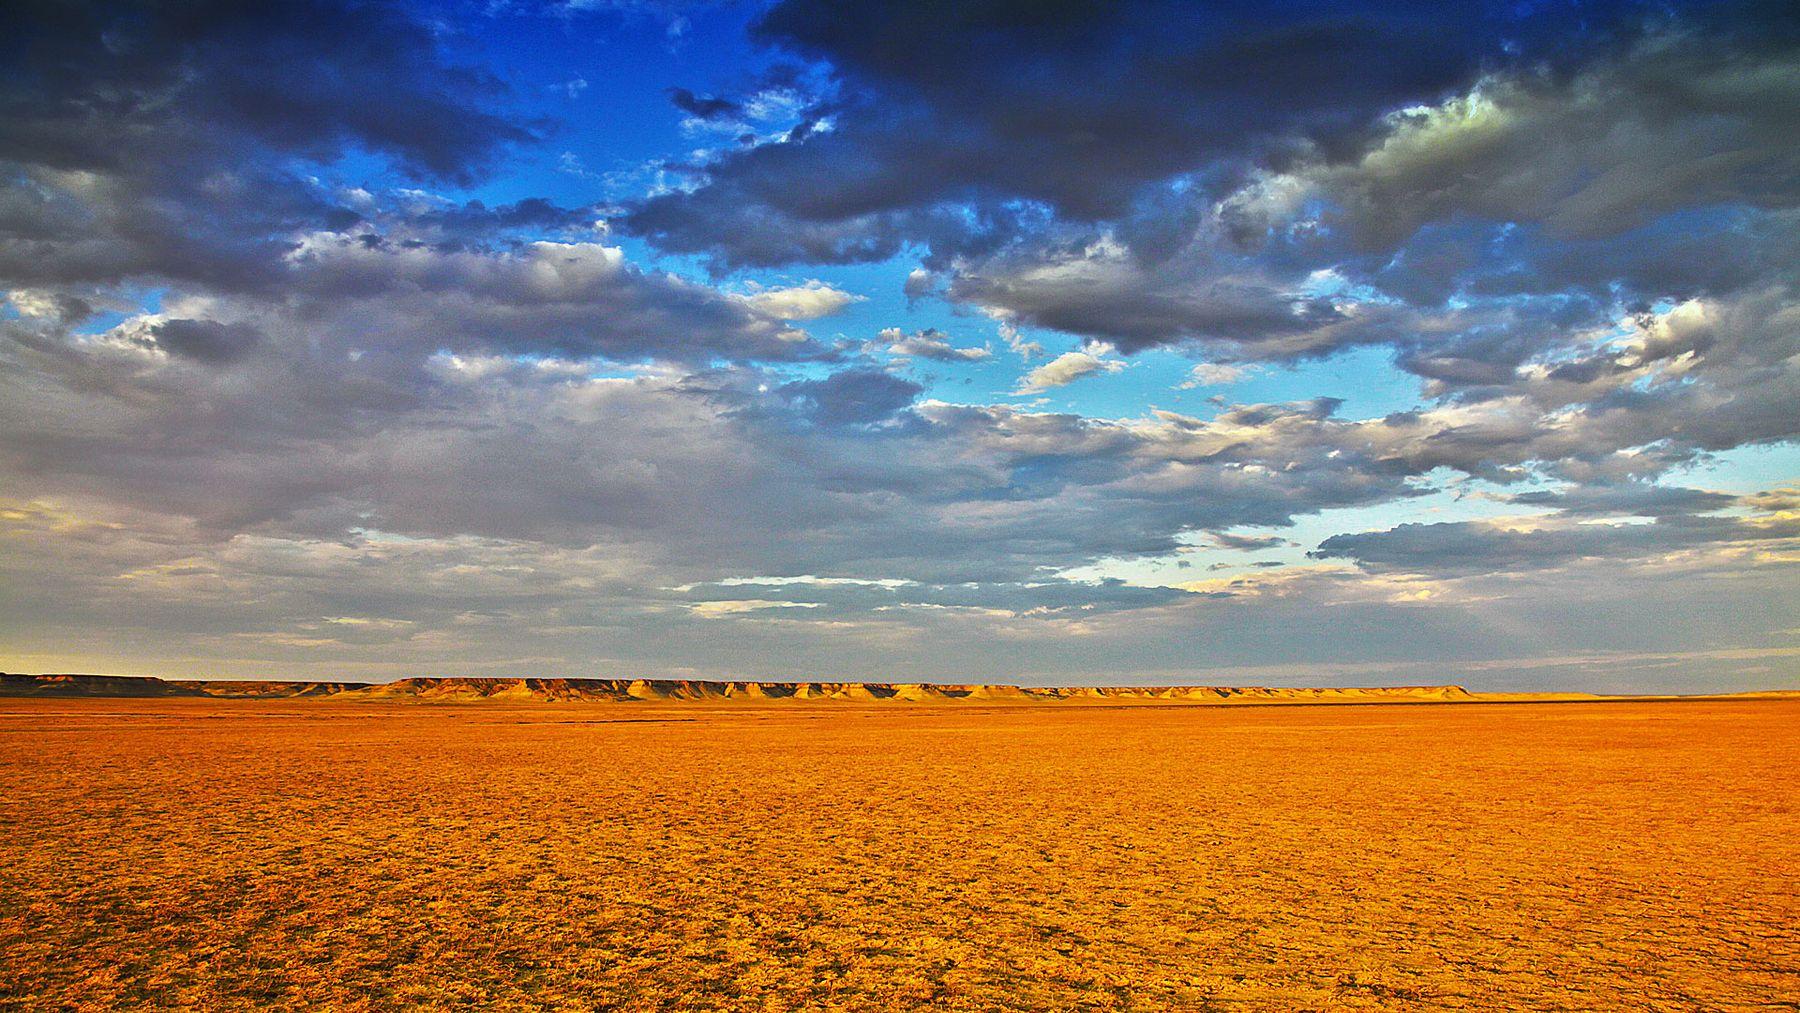 лёд и пламень, линия соприкосновения степь облака над степью рыжая земля